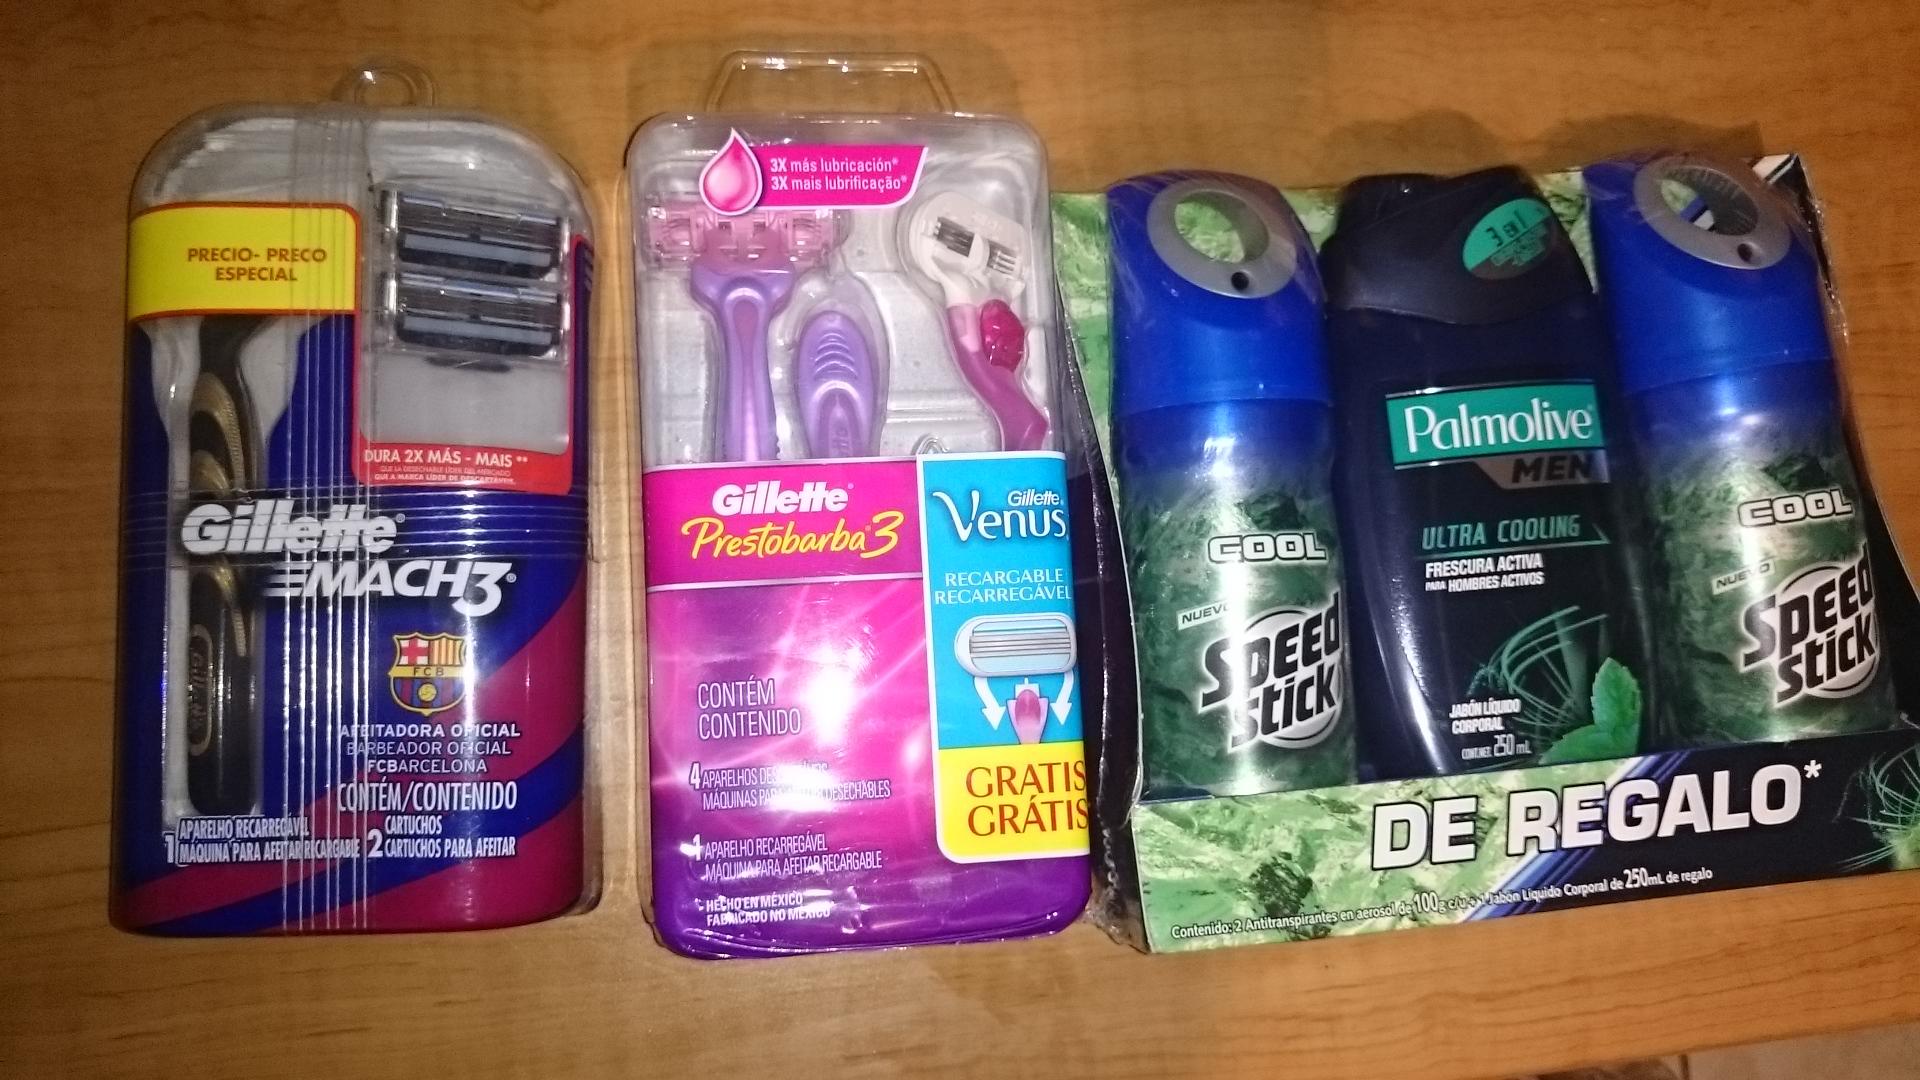 Chedraui Suc. Tampico Madero: Shampoo palmolive $5.40 y más